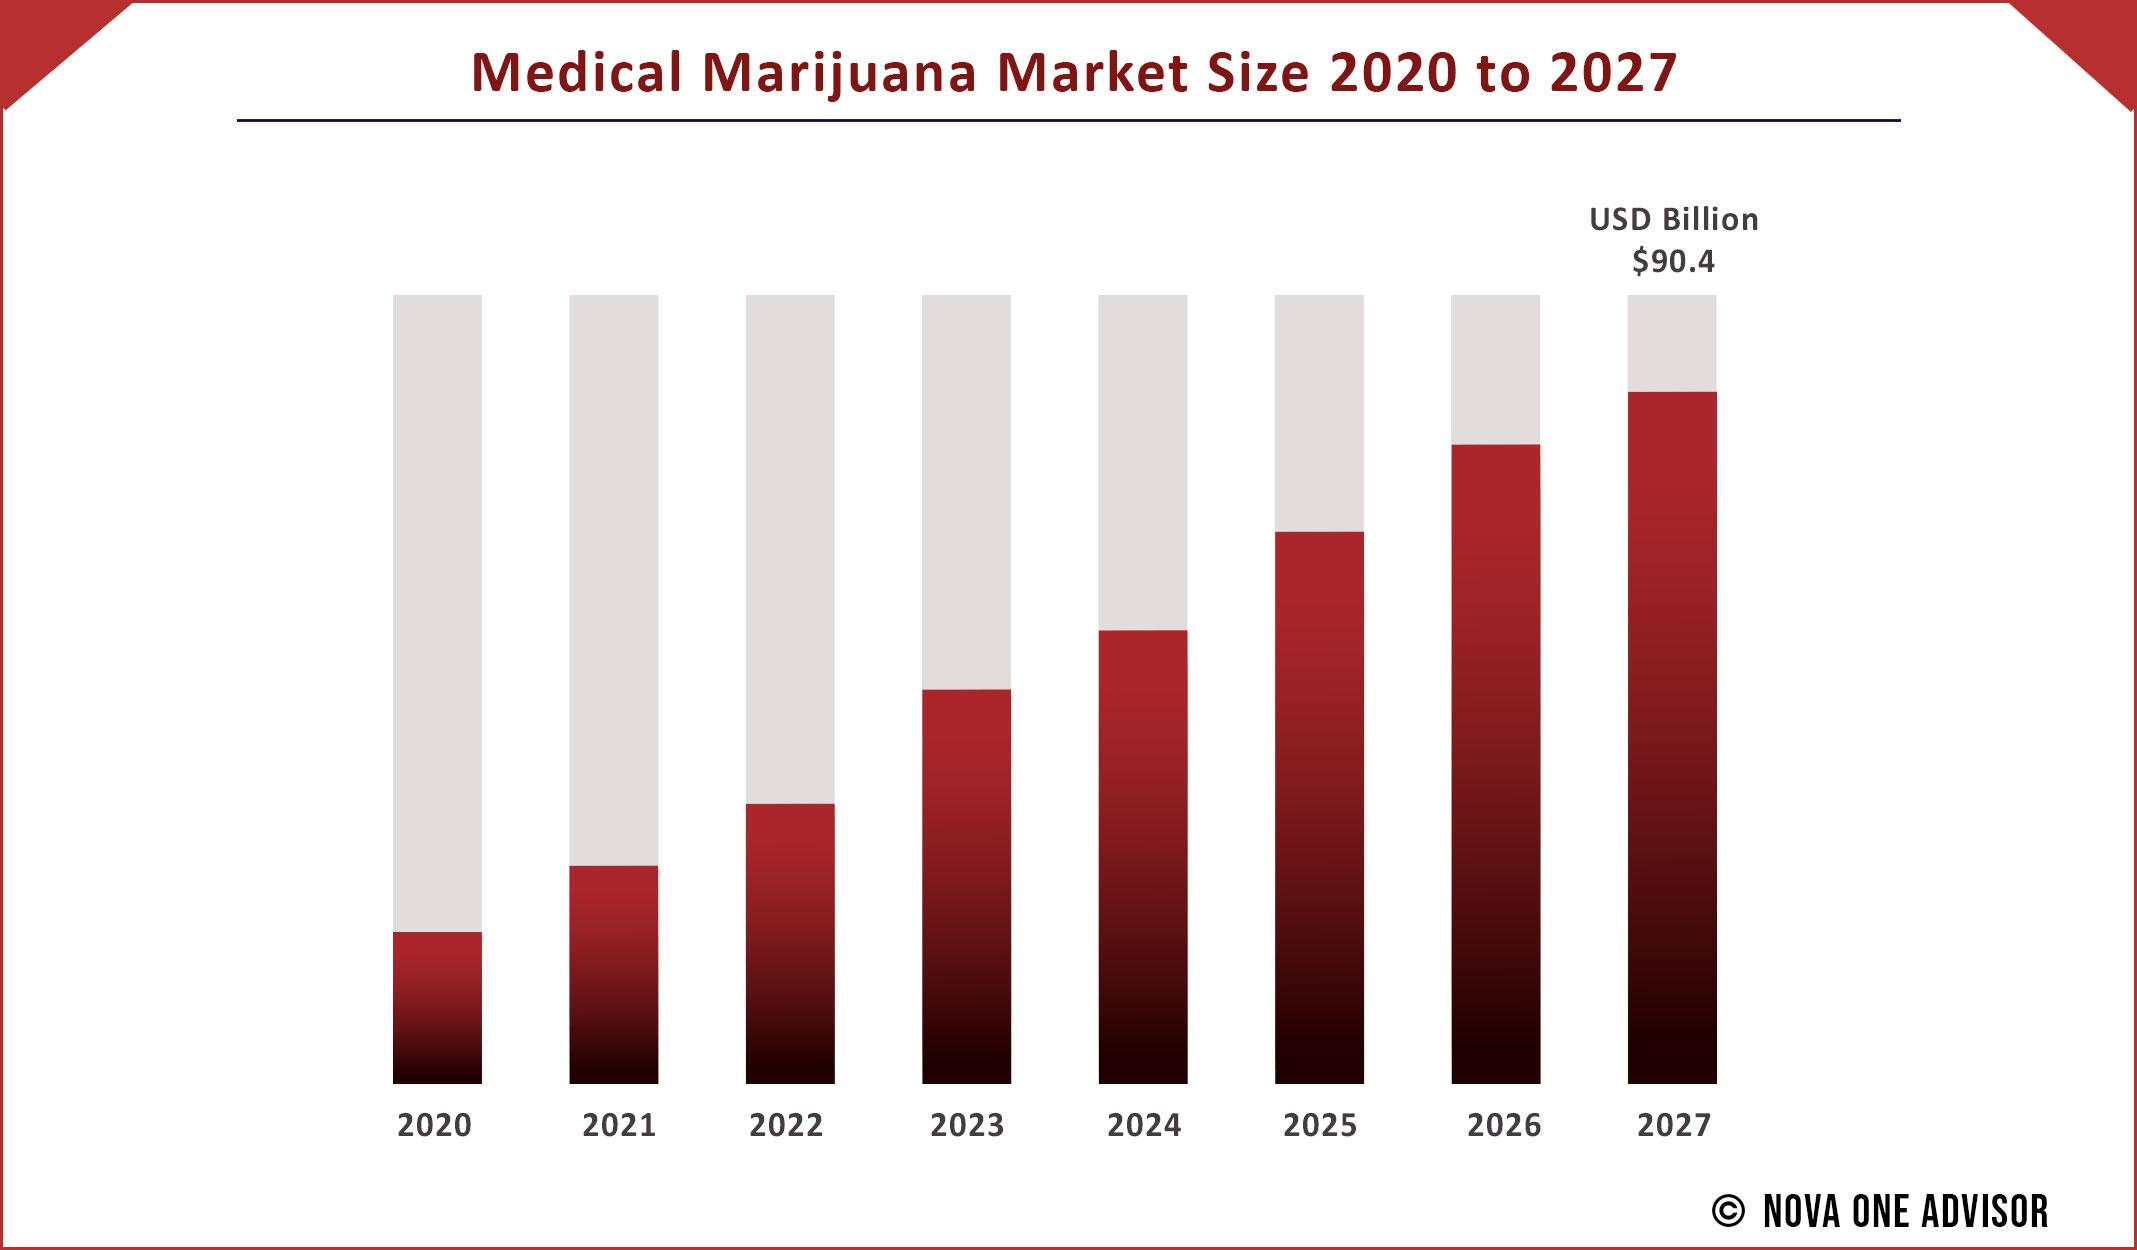 Medical Marijuana Market Size 2020 to 2027